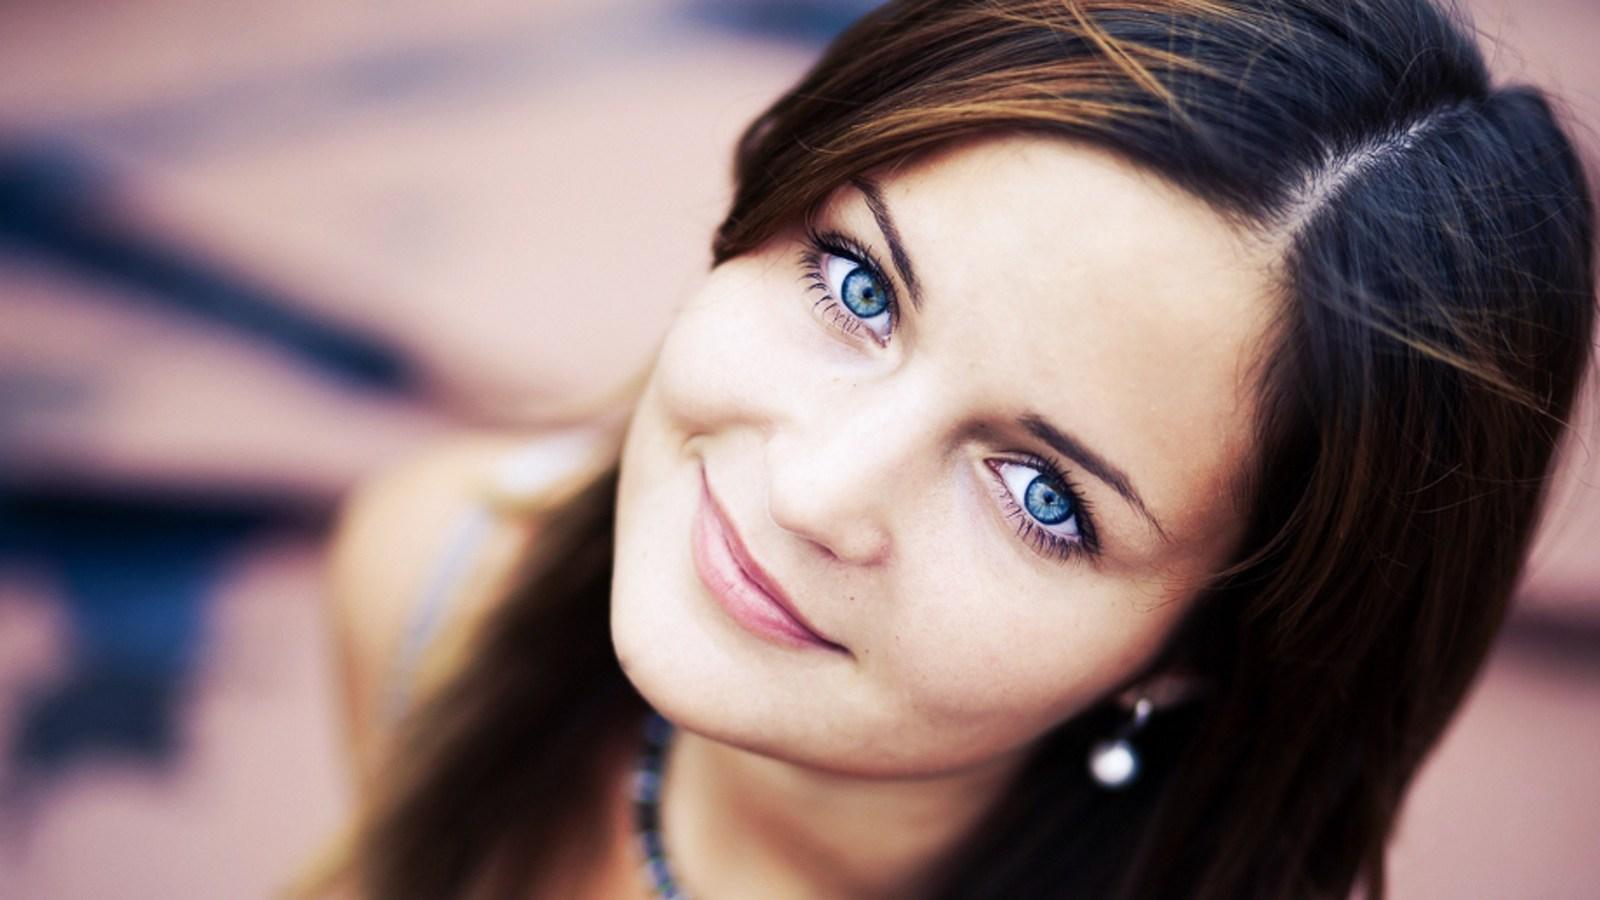 صوره صور بنات رائعة , اجمل صورة لاجمل بنت